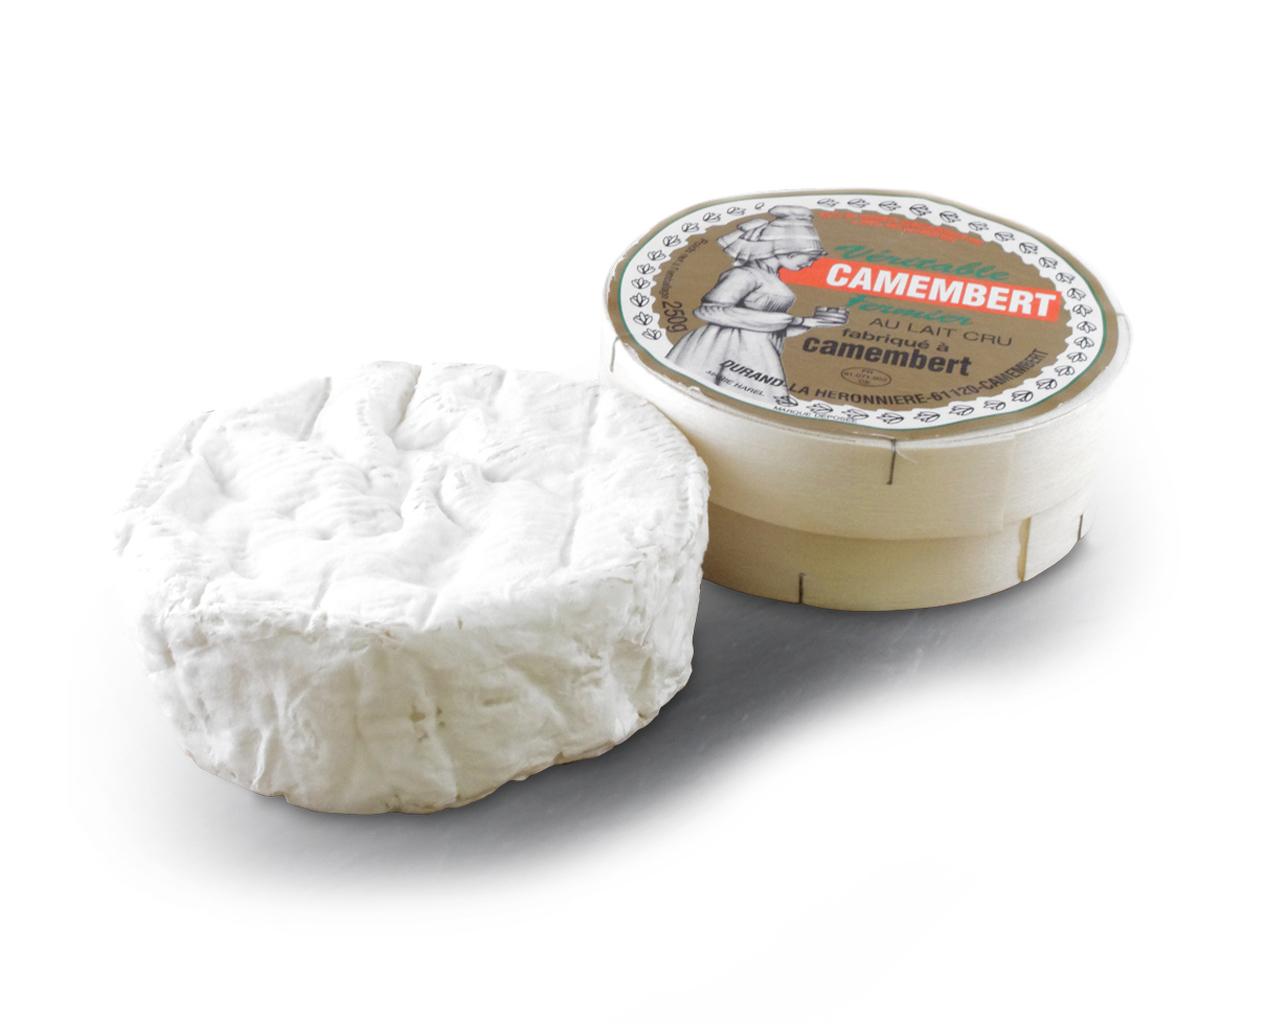 Camembert fermier de Camembert AOP, Beillevaire (250 g)